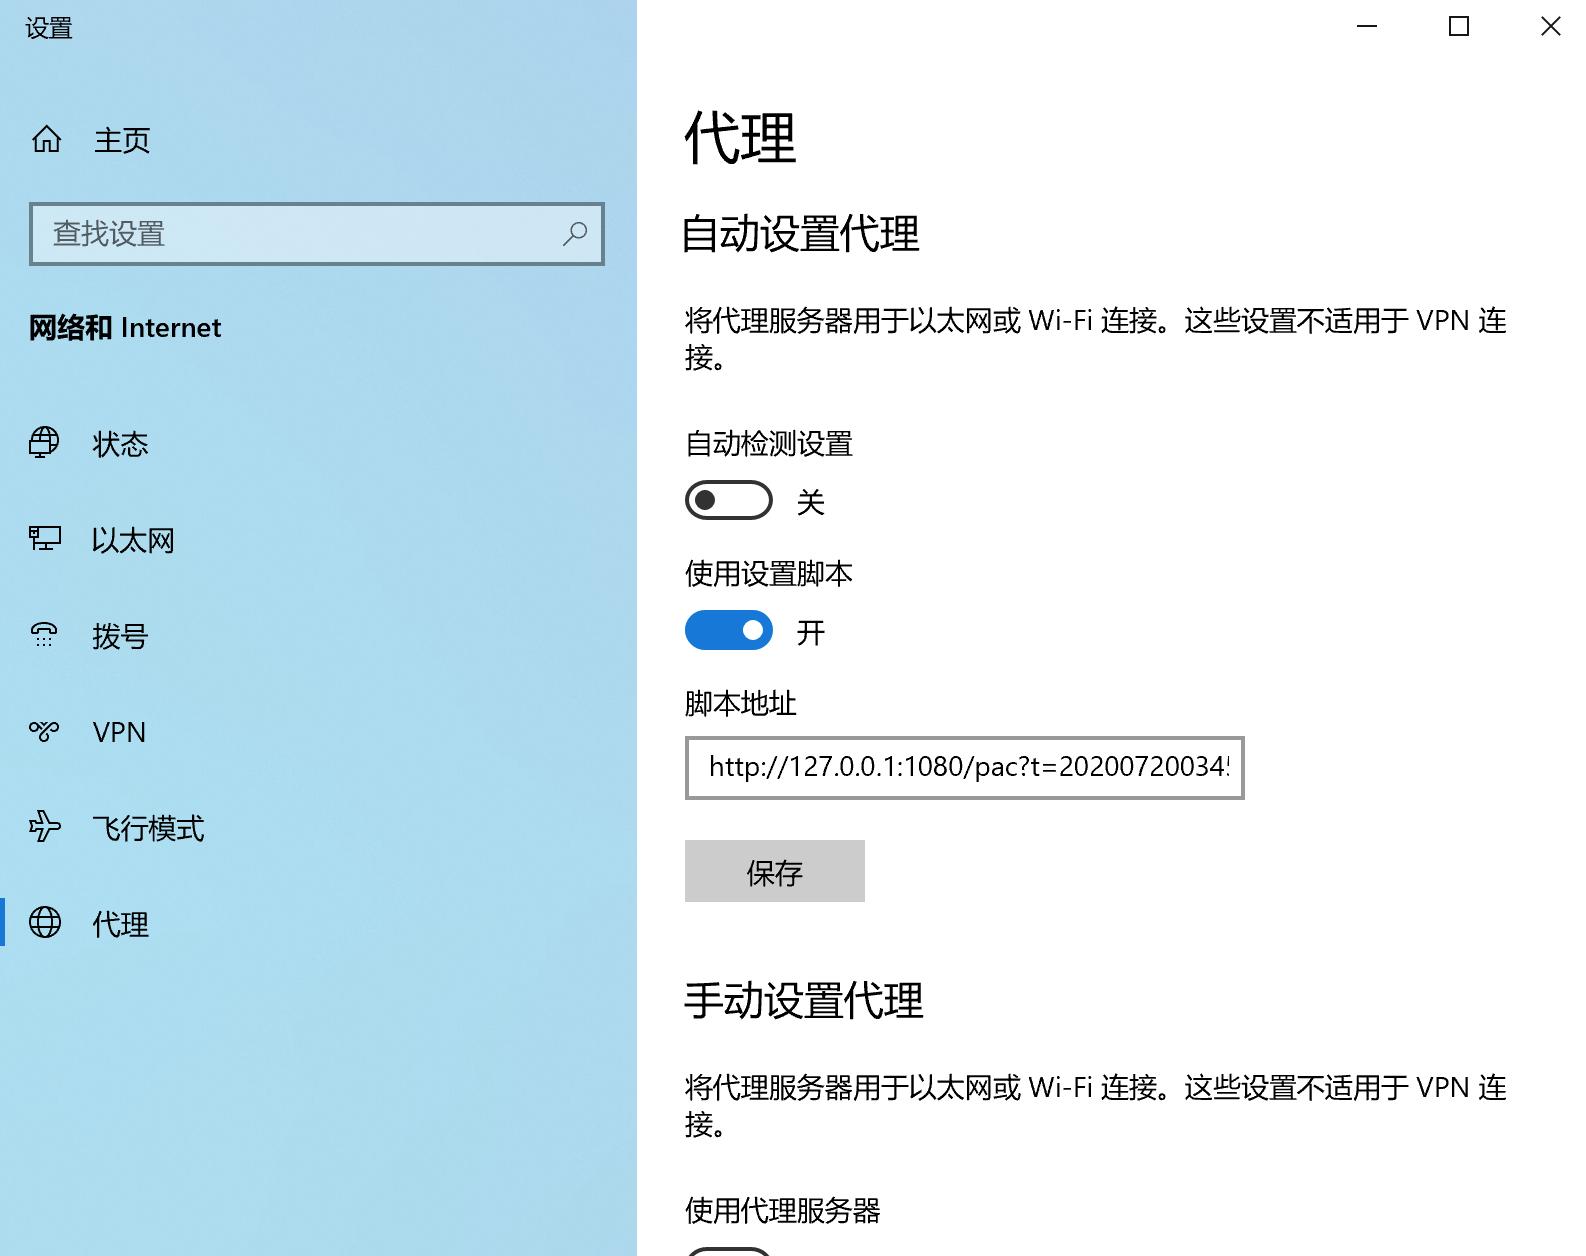 检查 Windows 代理